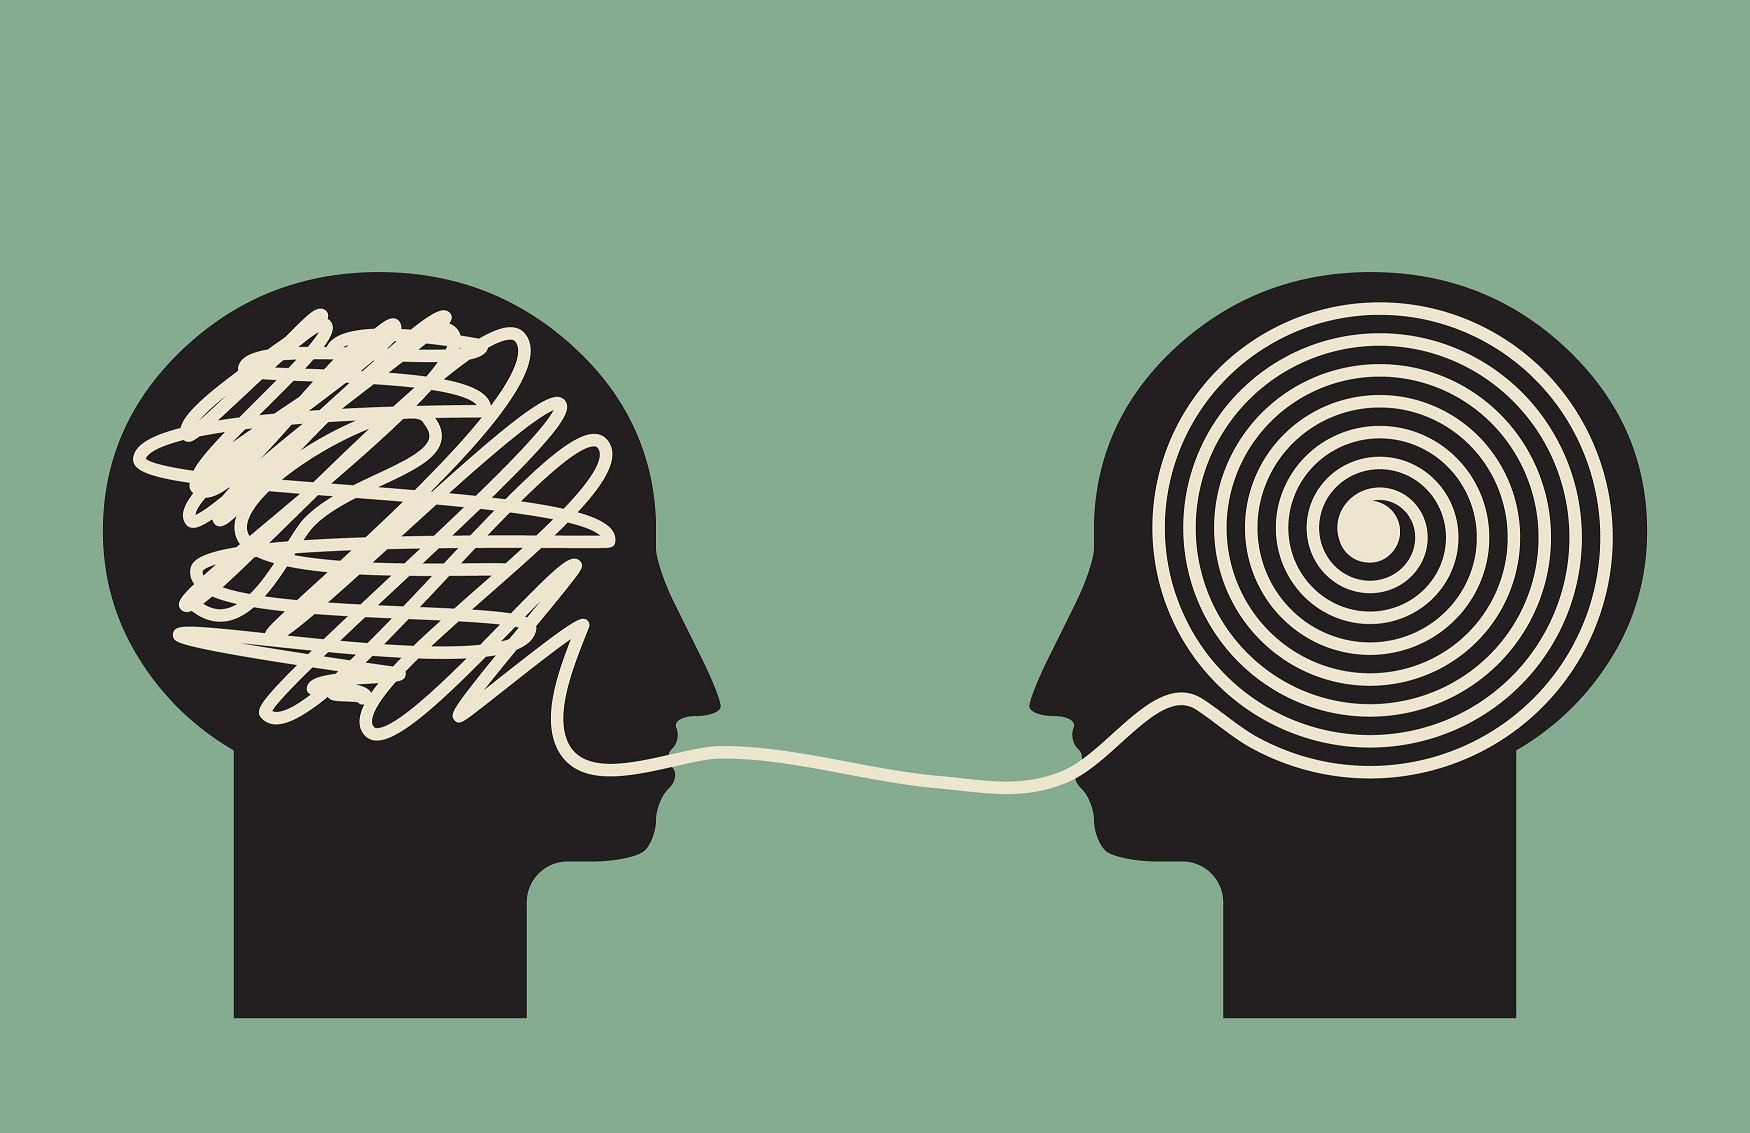 ترجمه در دانشکدههای اقتصاد؛ راهحل یا بخشی از معضل؟